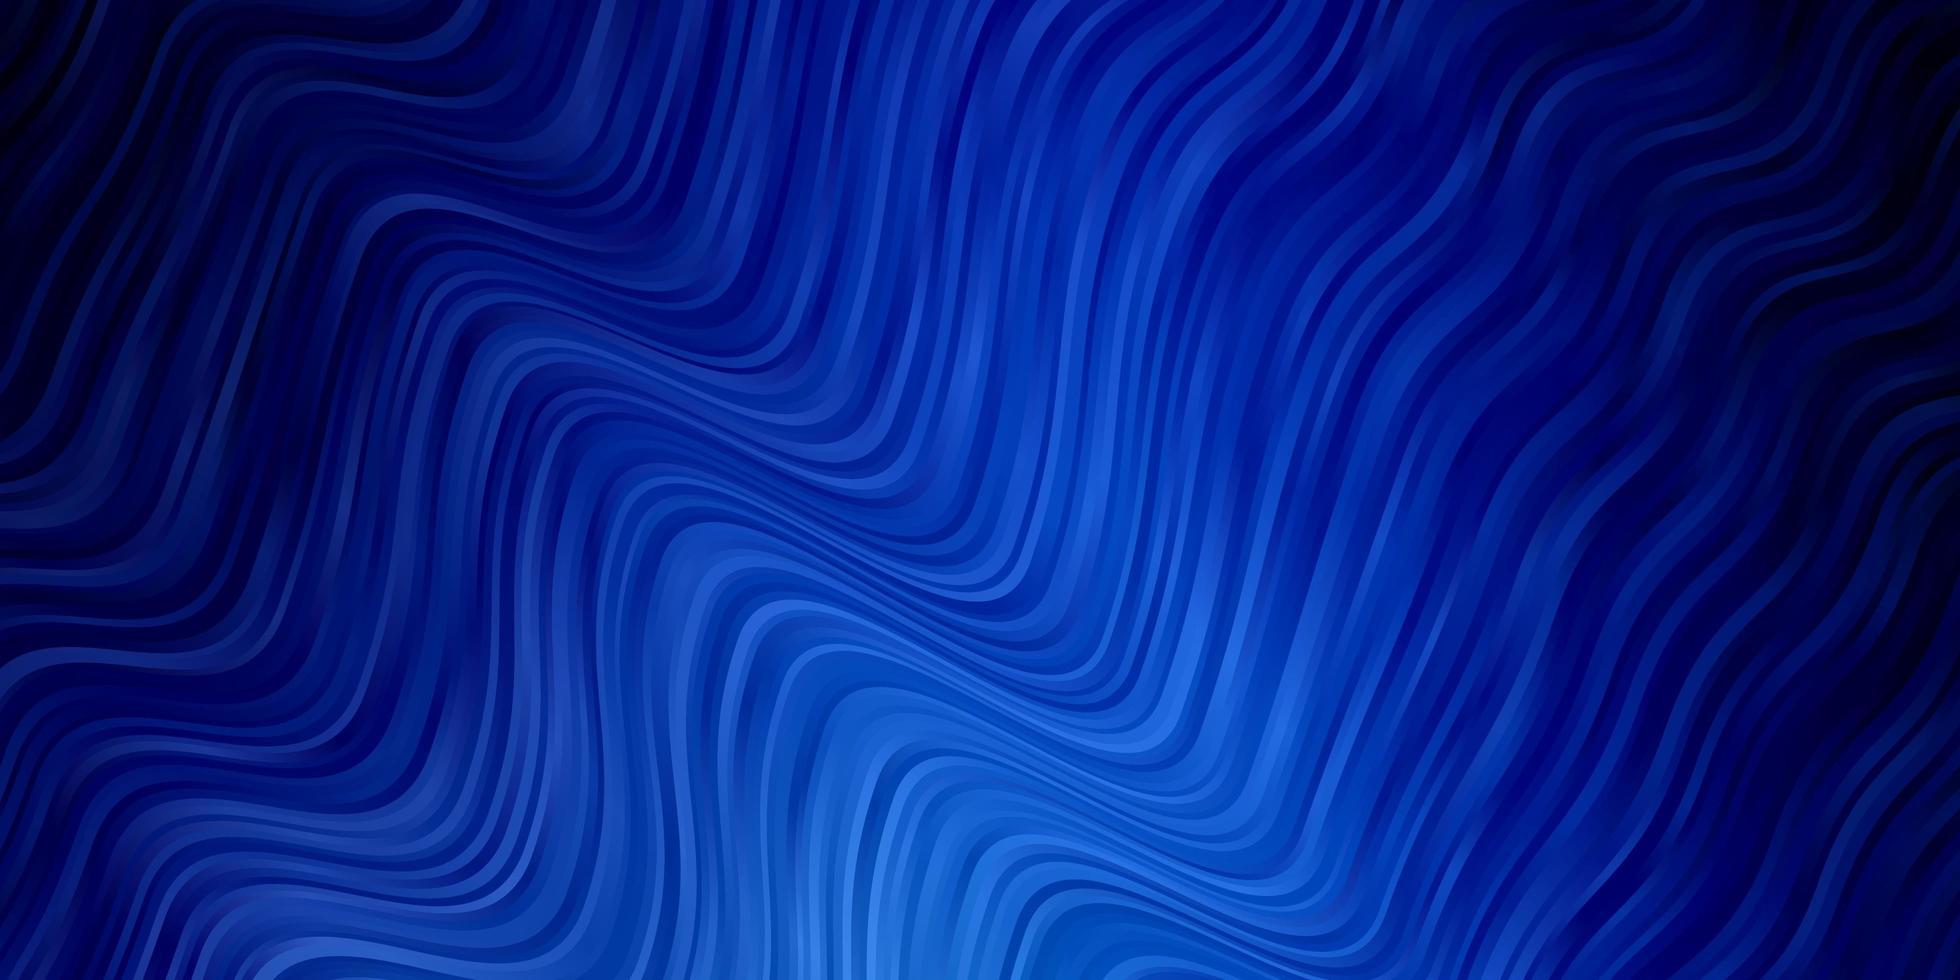 modello blu con linee ironiche. vettore